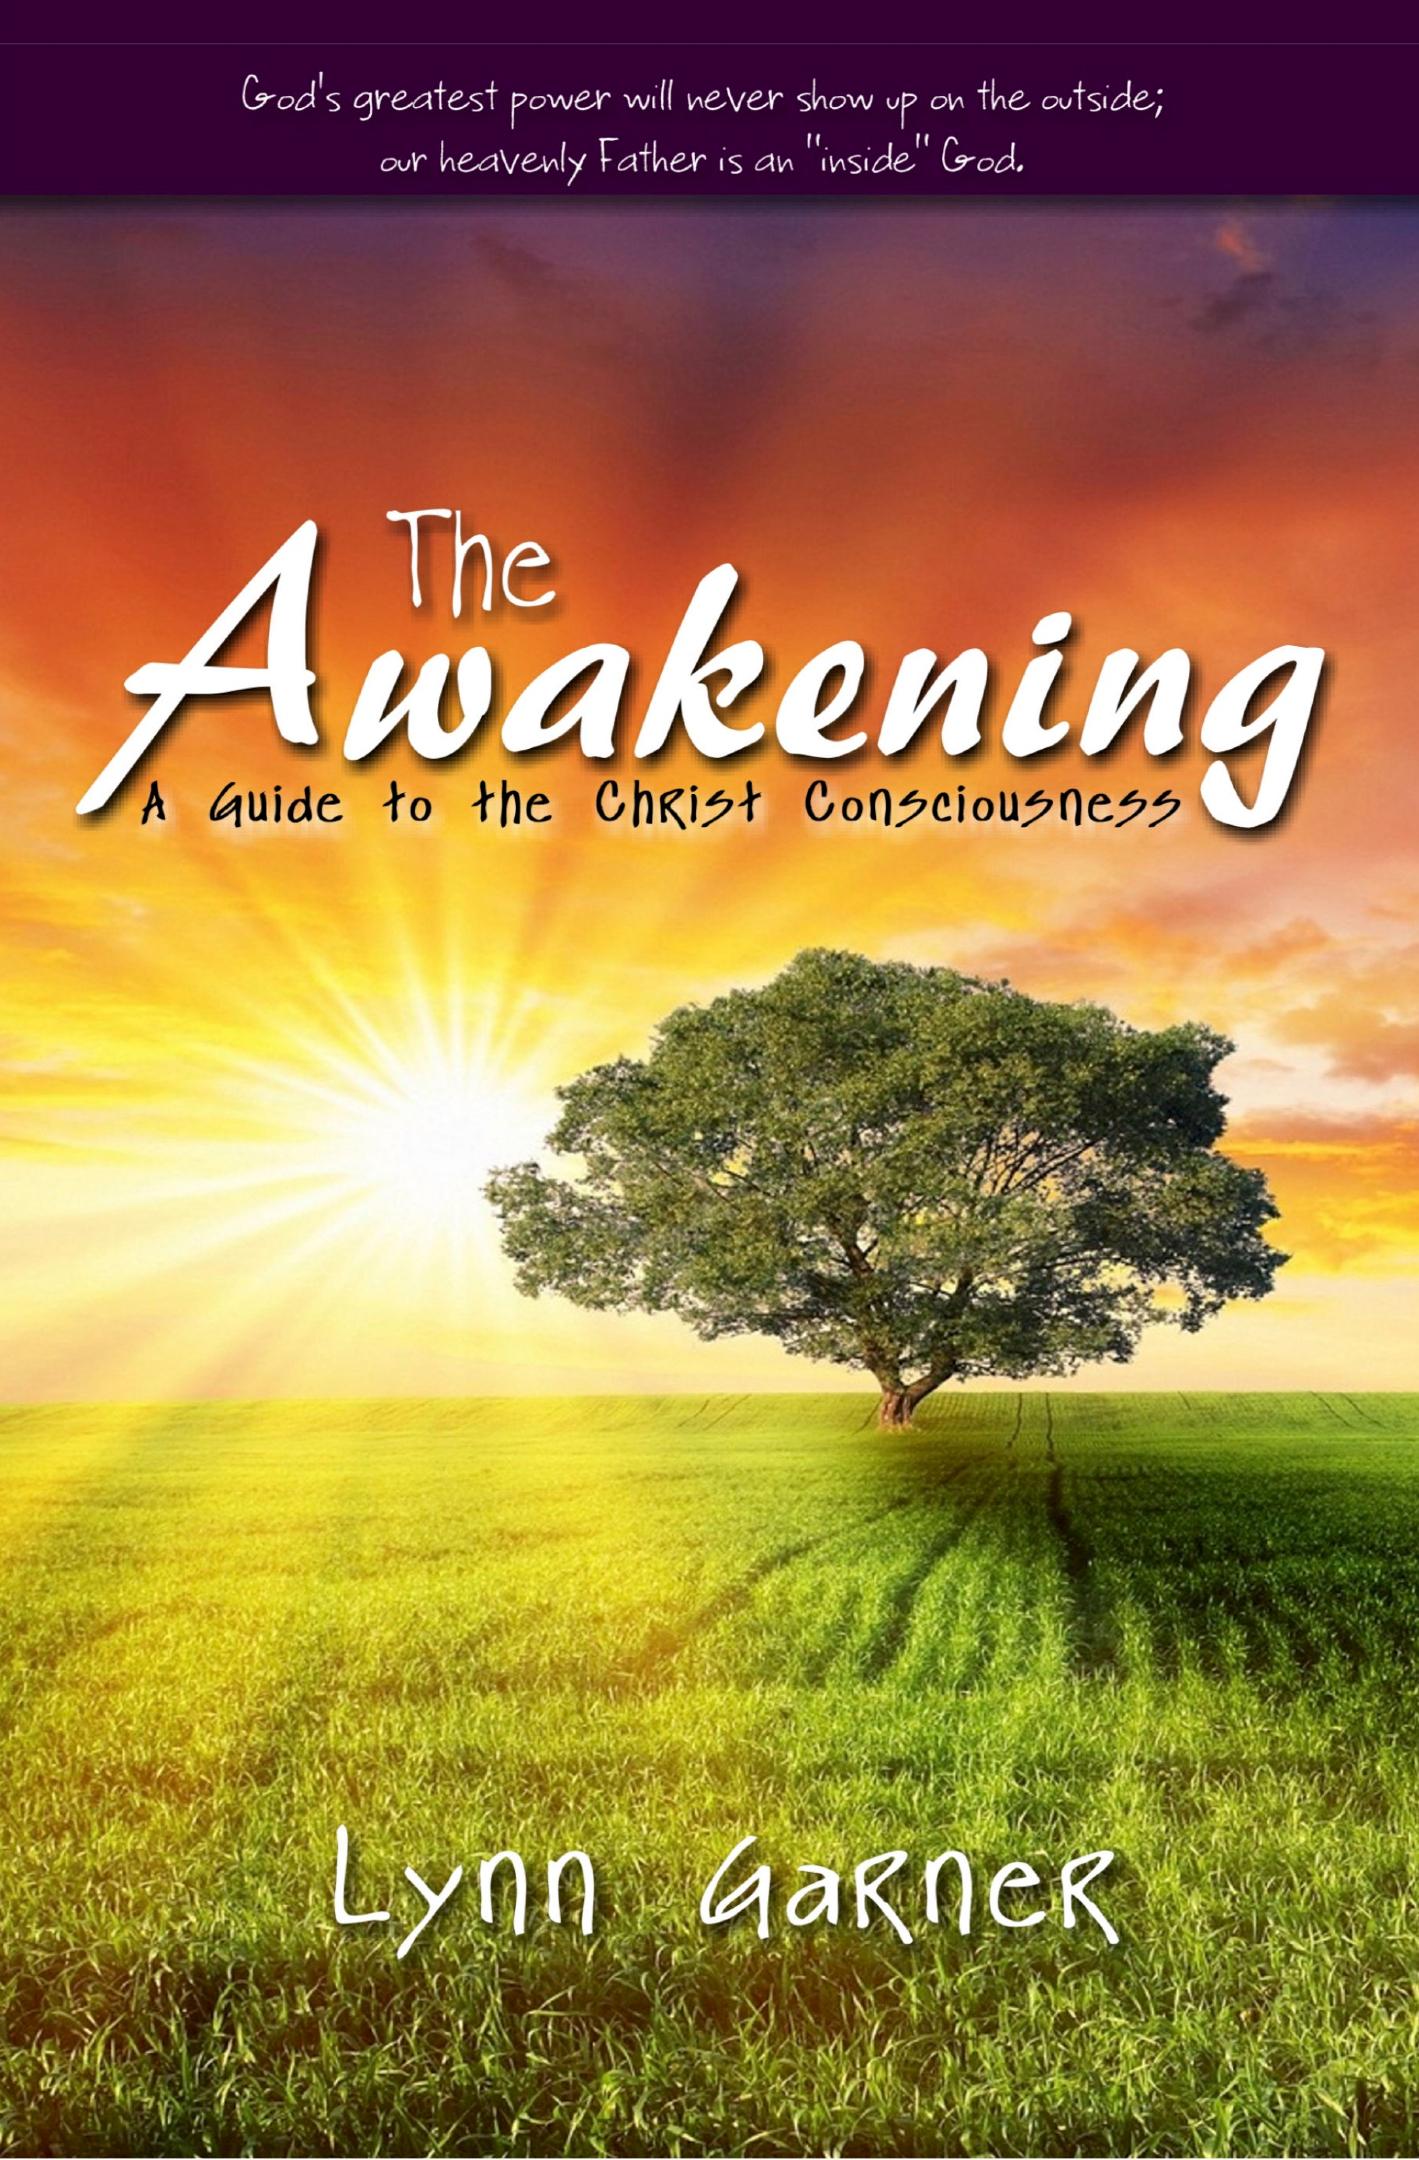 the awakening .jpg